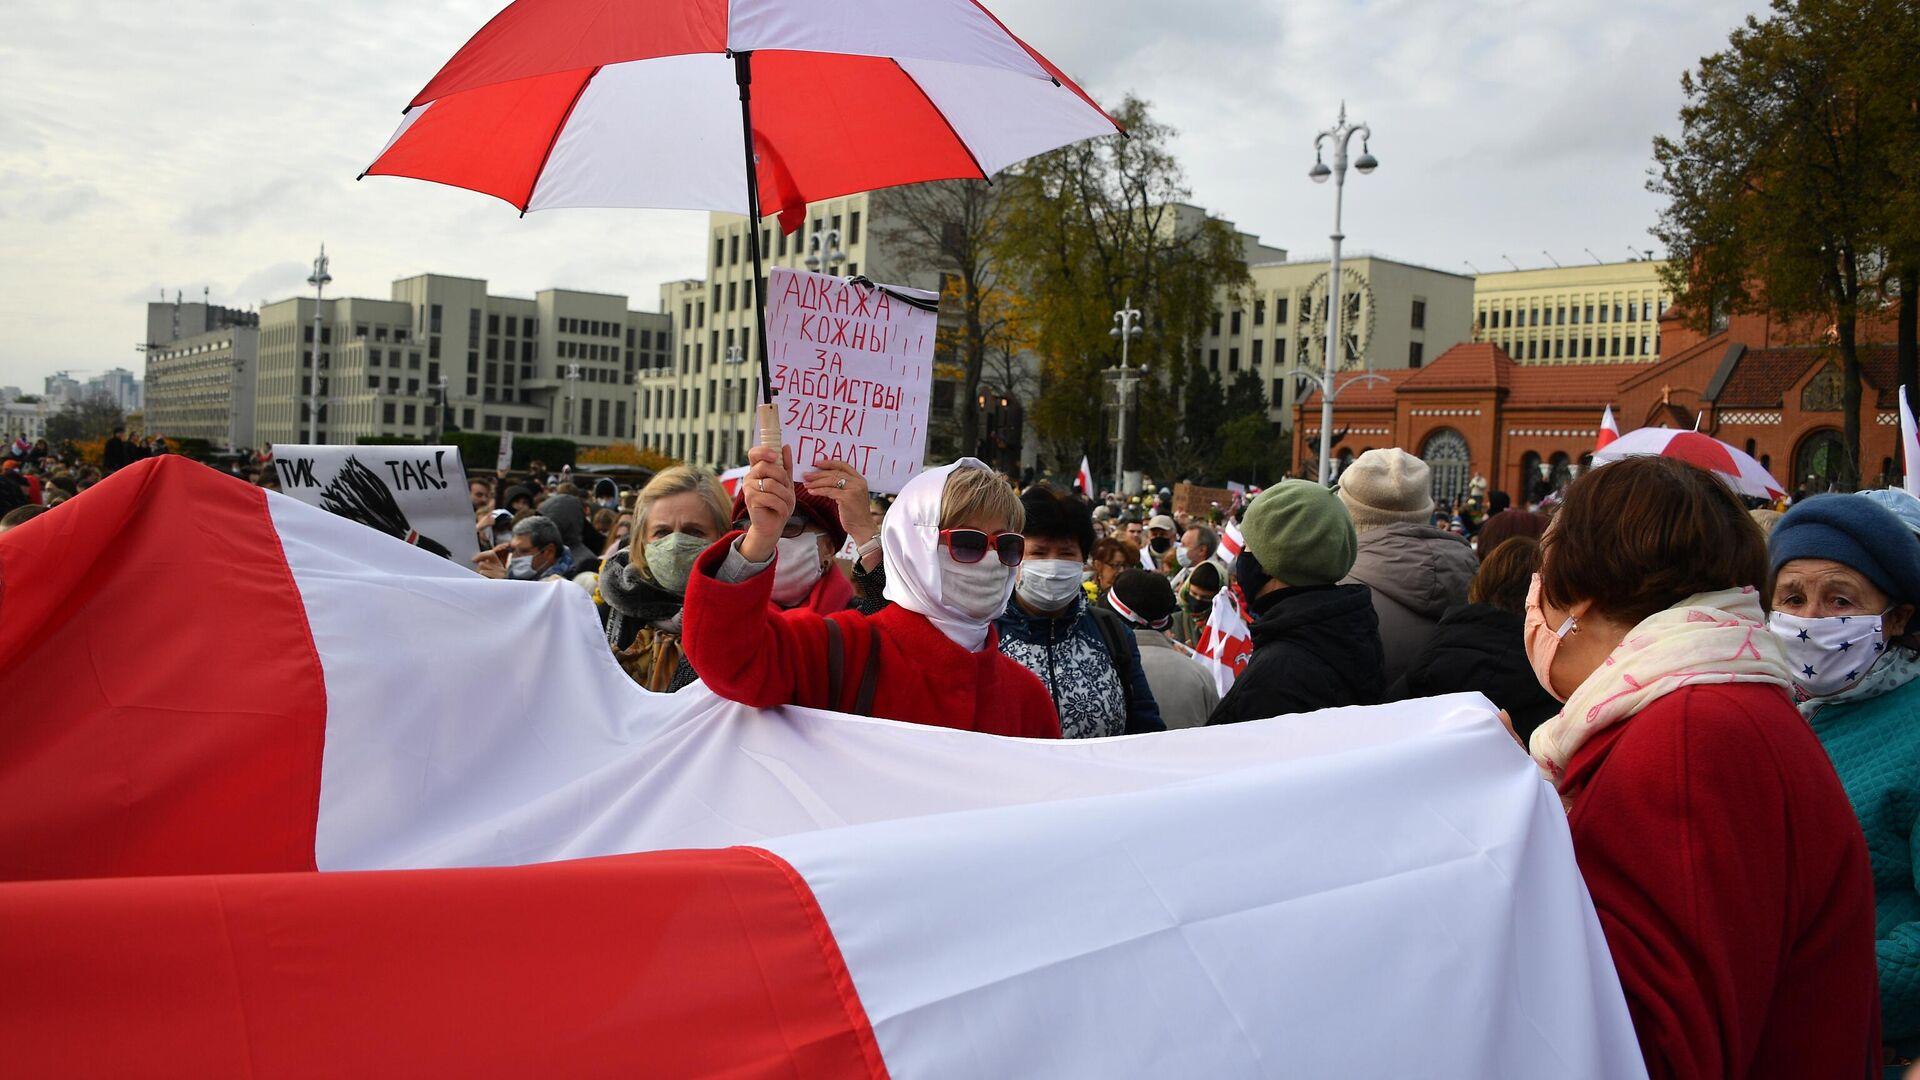 Участники акции протеста в Минске - РИА Новости, 1920, 22.11.2020